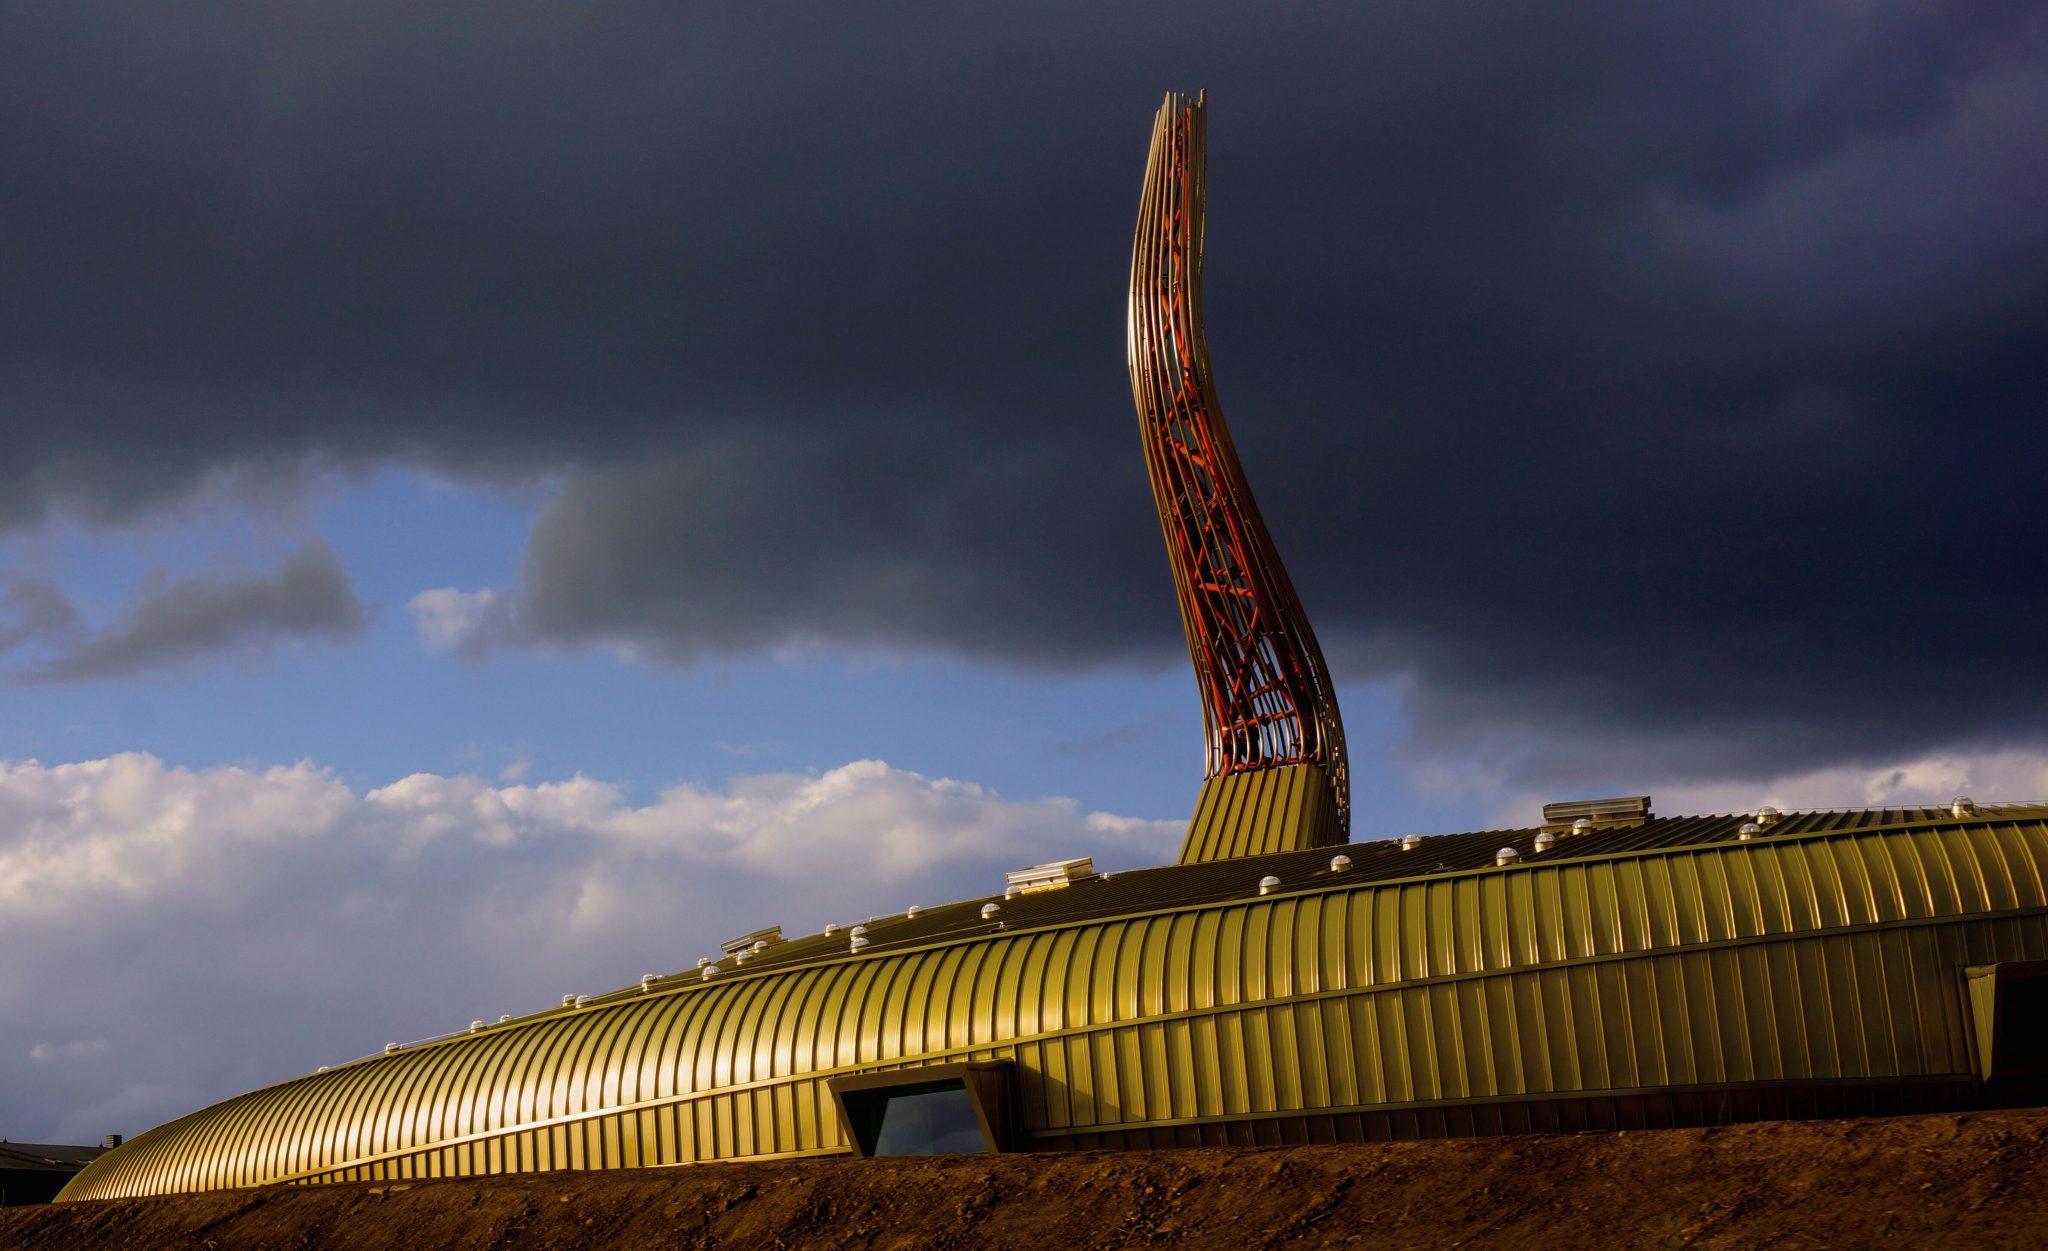 Uno dei musei di arte contemporanea citati nell'articolo: il Centro Luigi Pecci di Prato